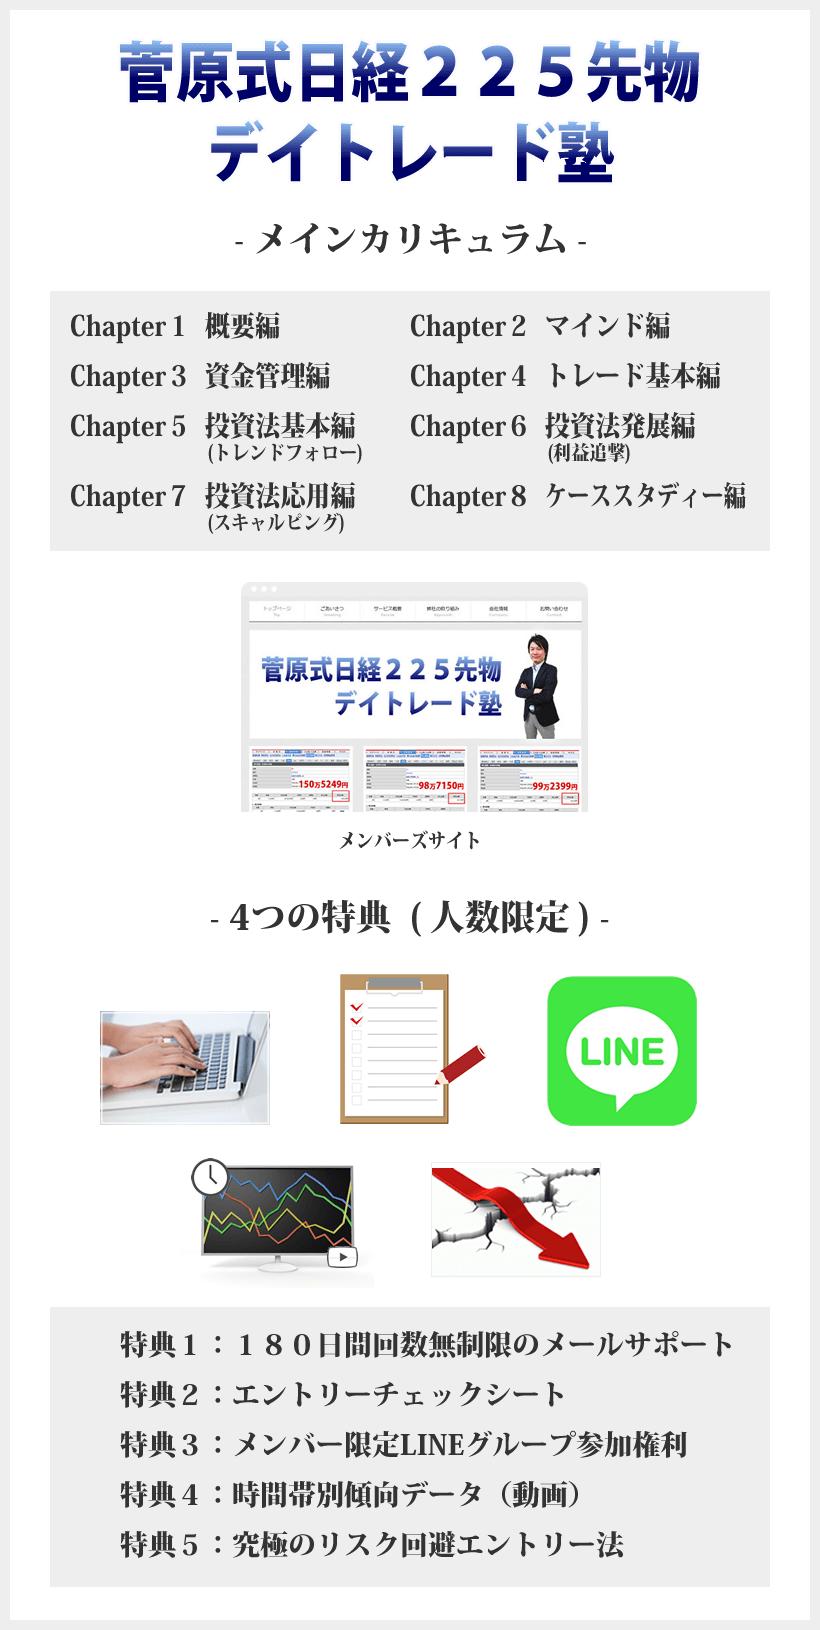 菅原式日経225先物デイトレード塾評価